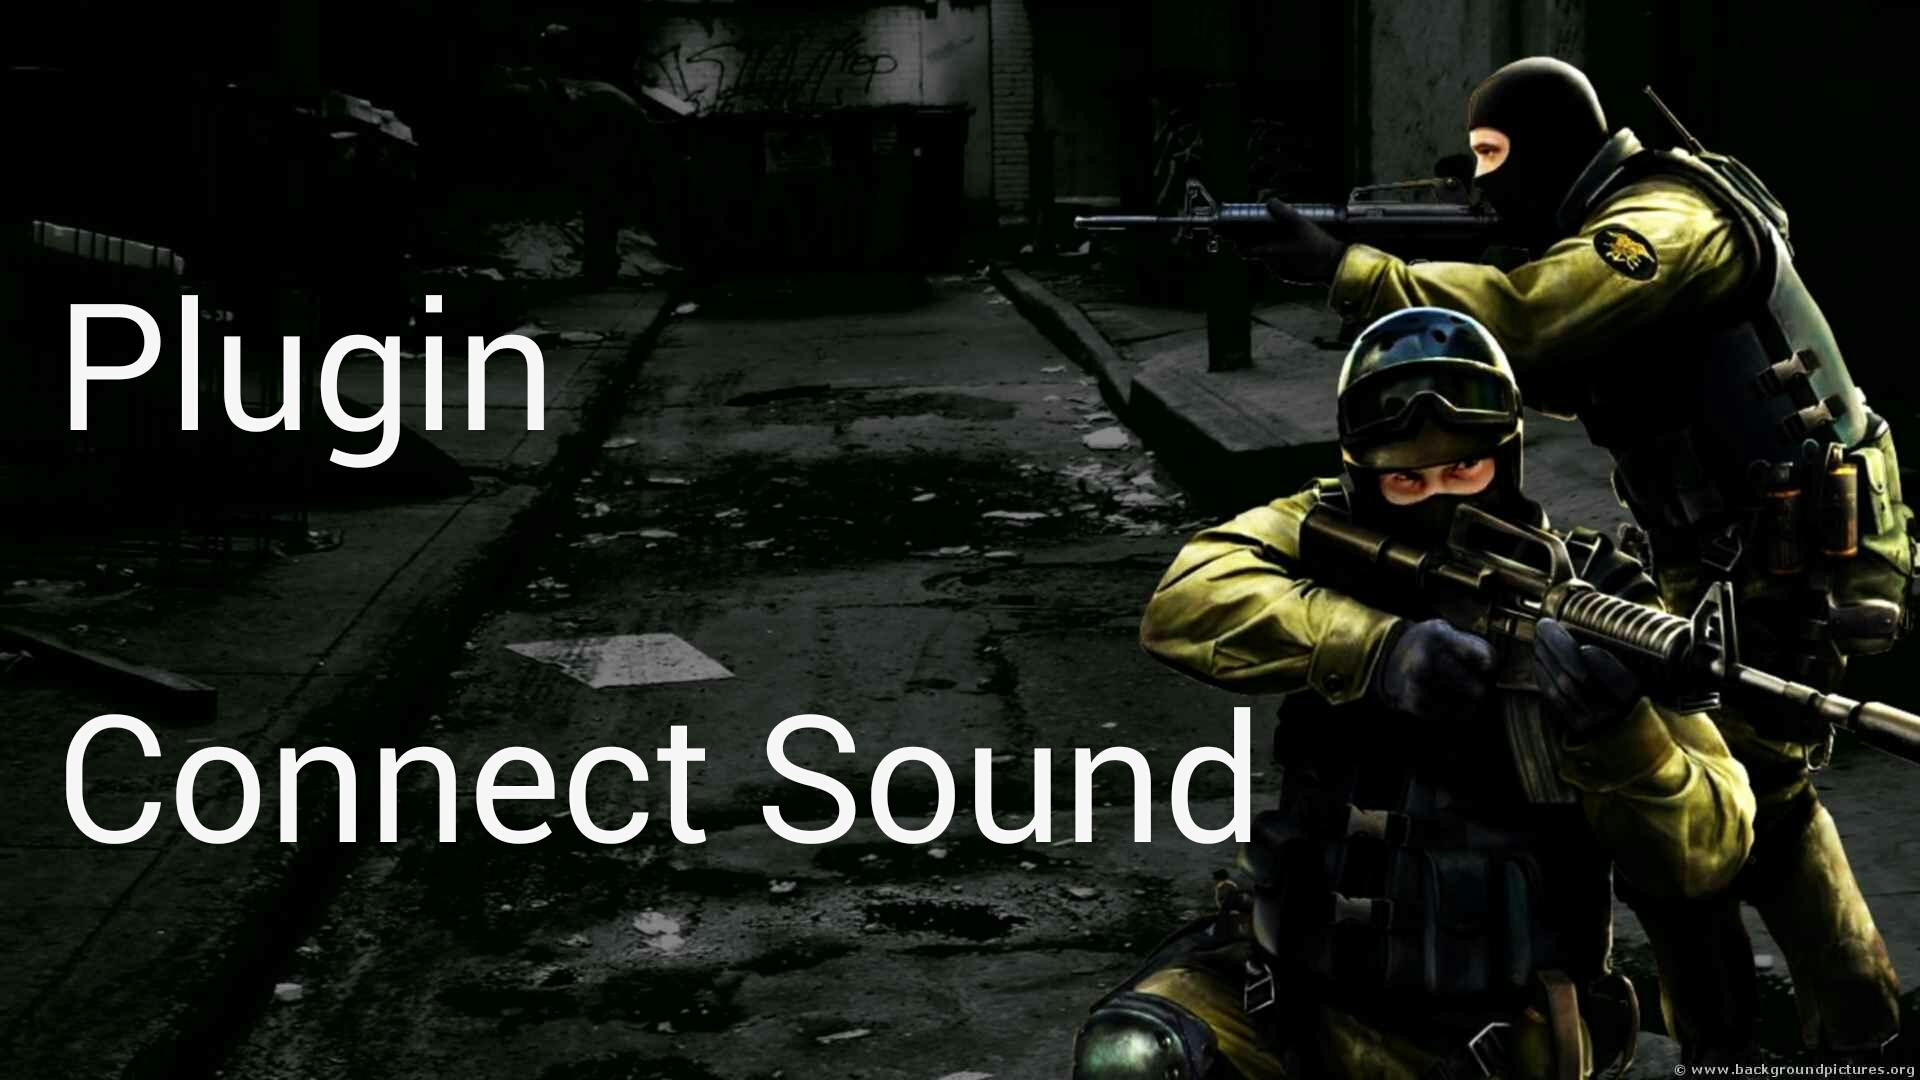 دانلود پلاگین Connect Sound برای کانتر 1.6